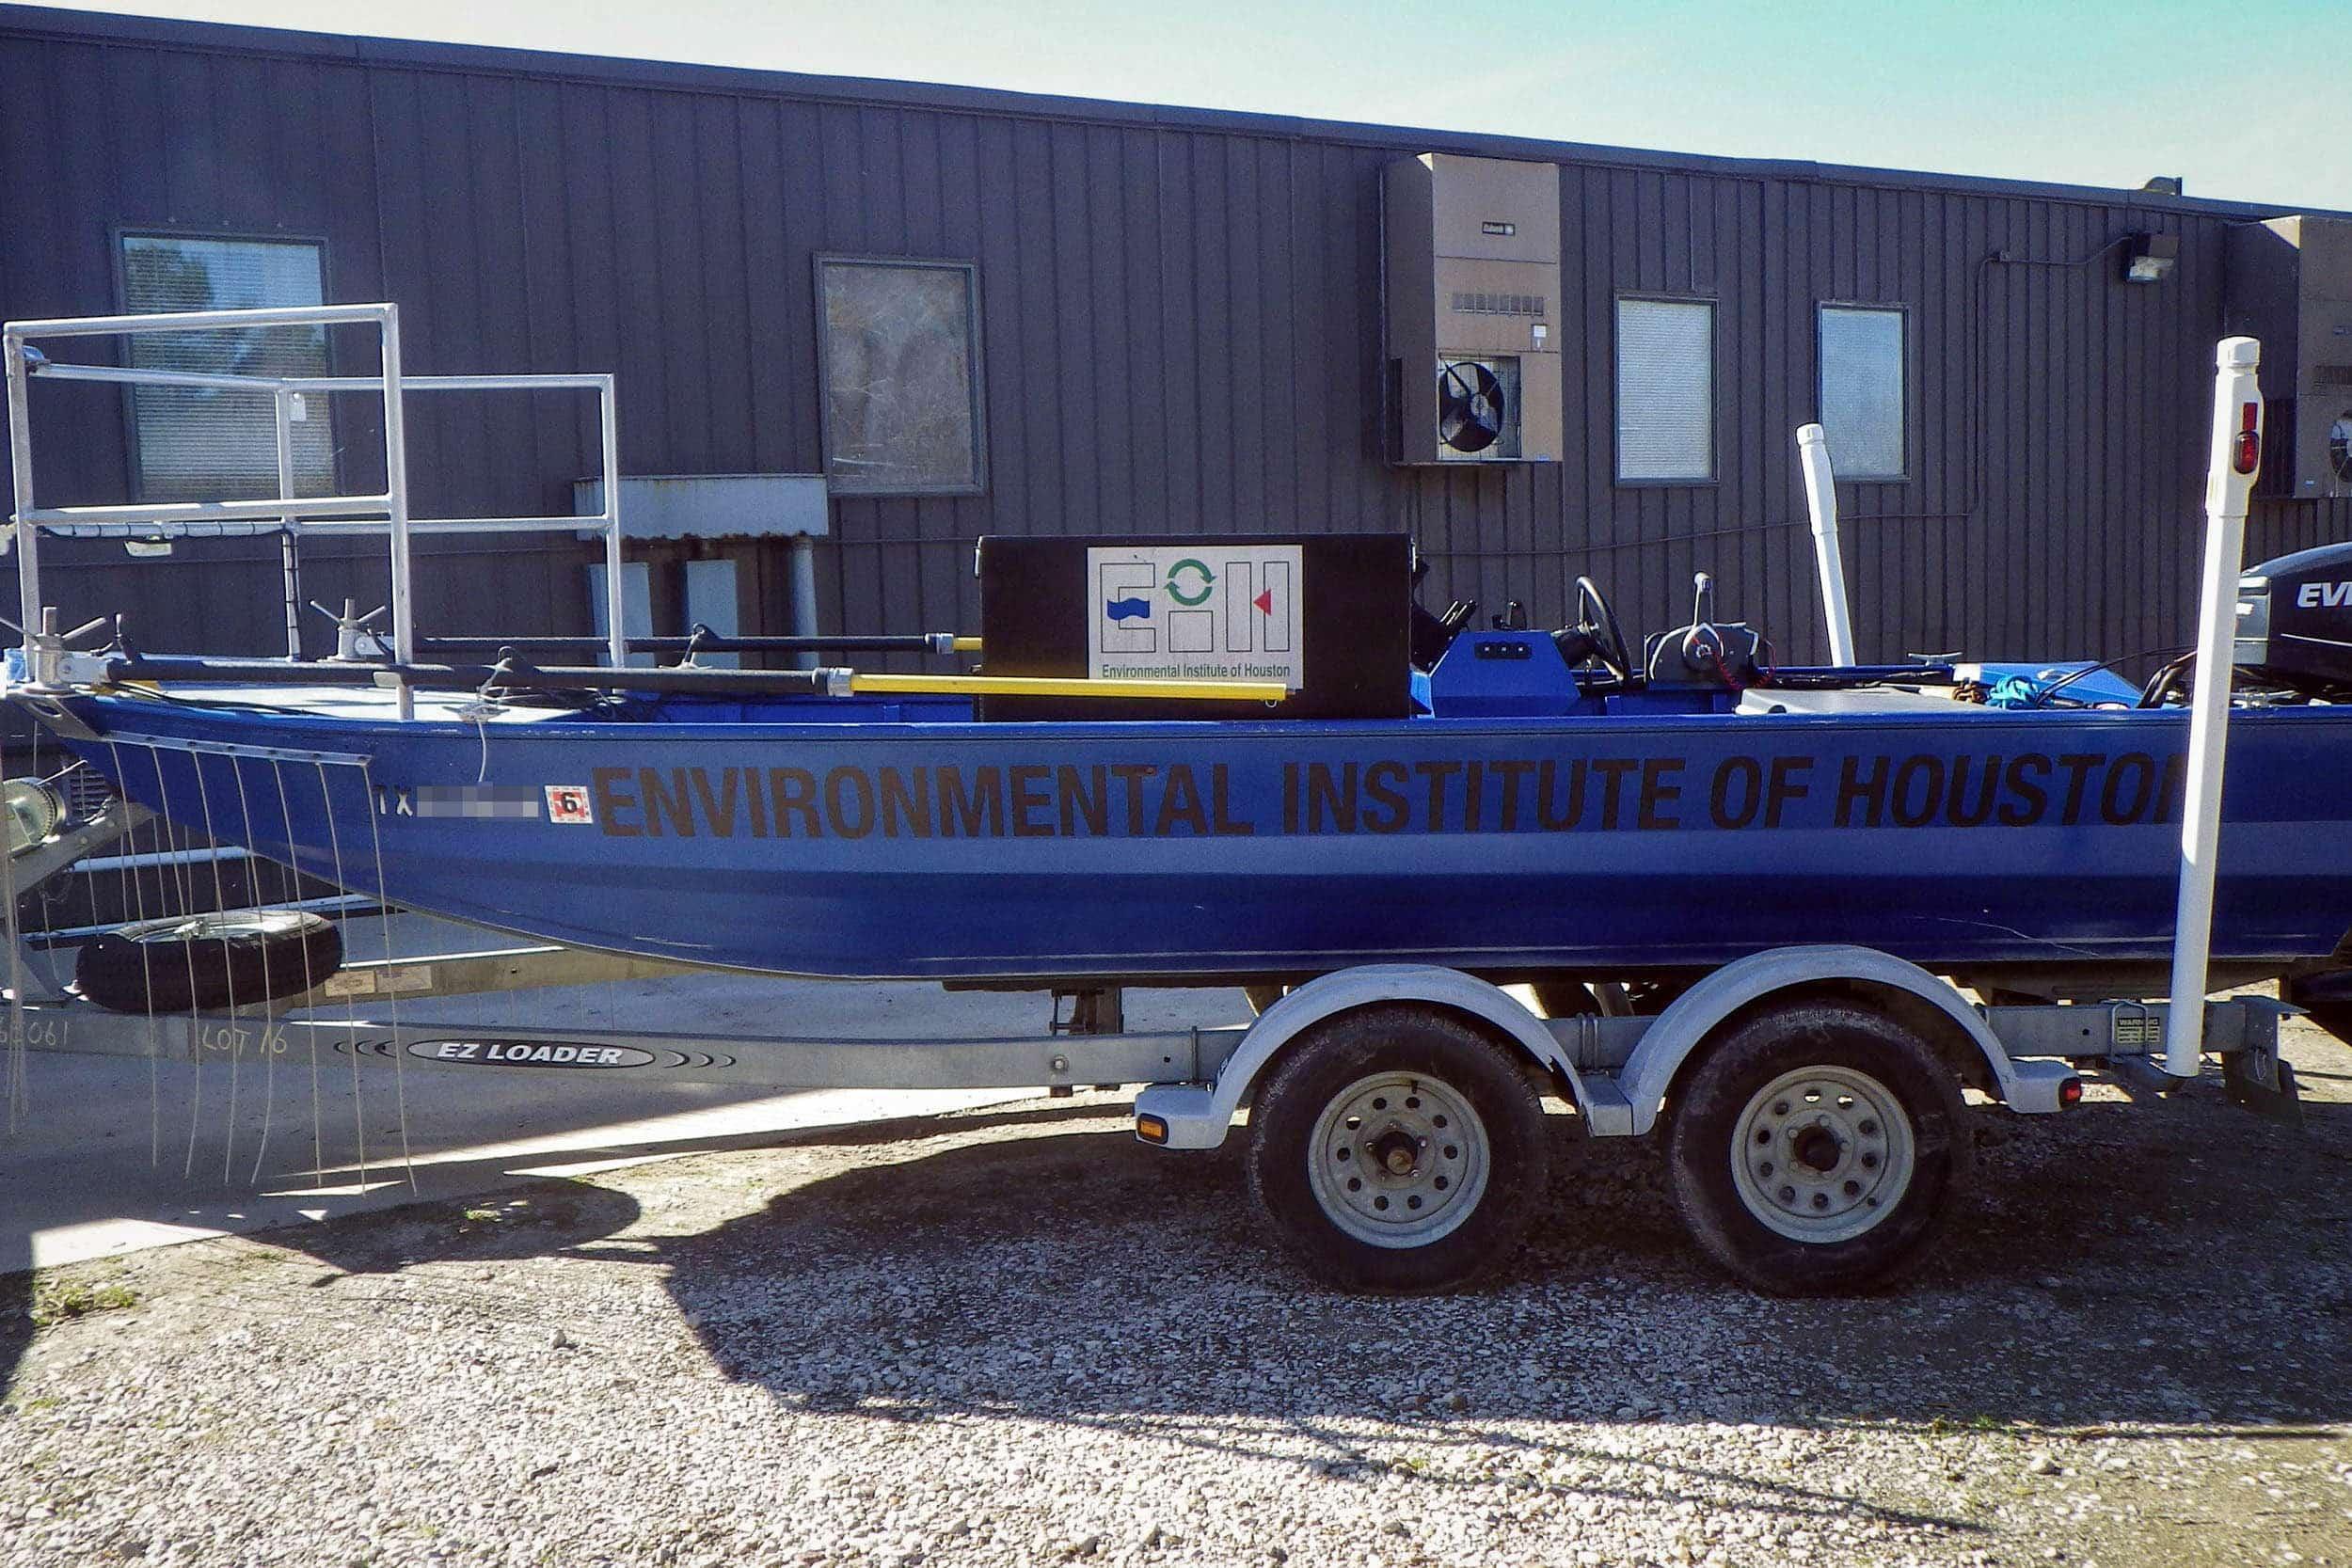 18' Electroshock Boat